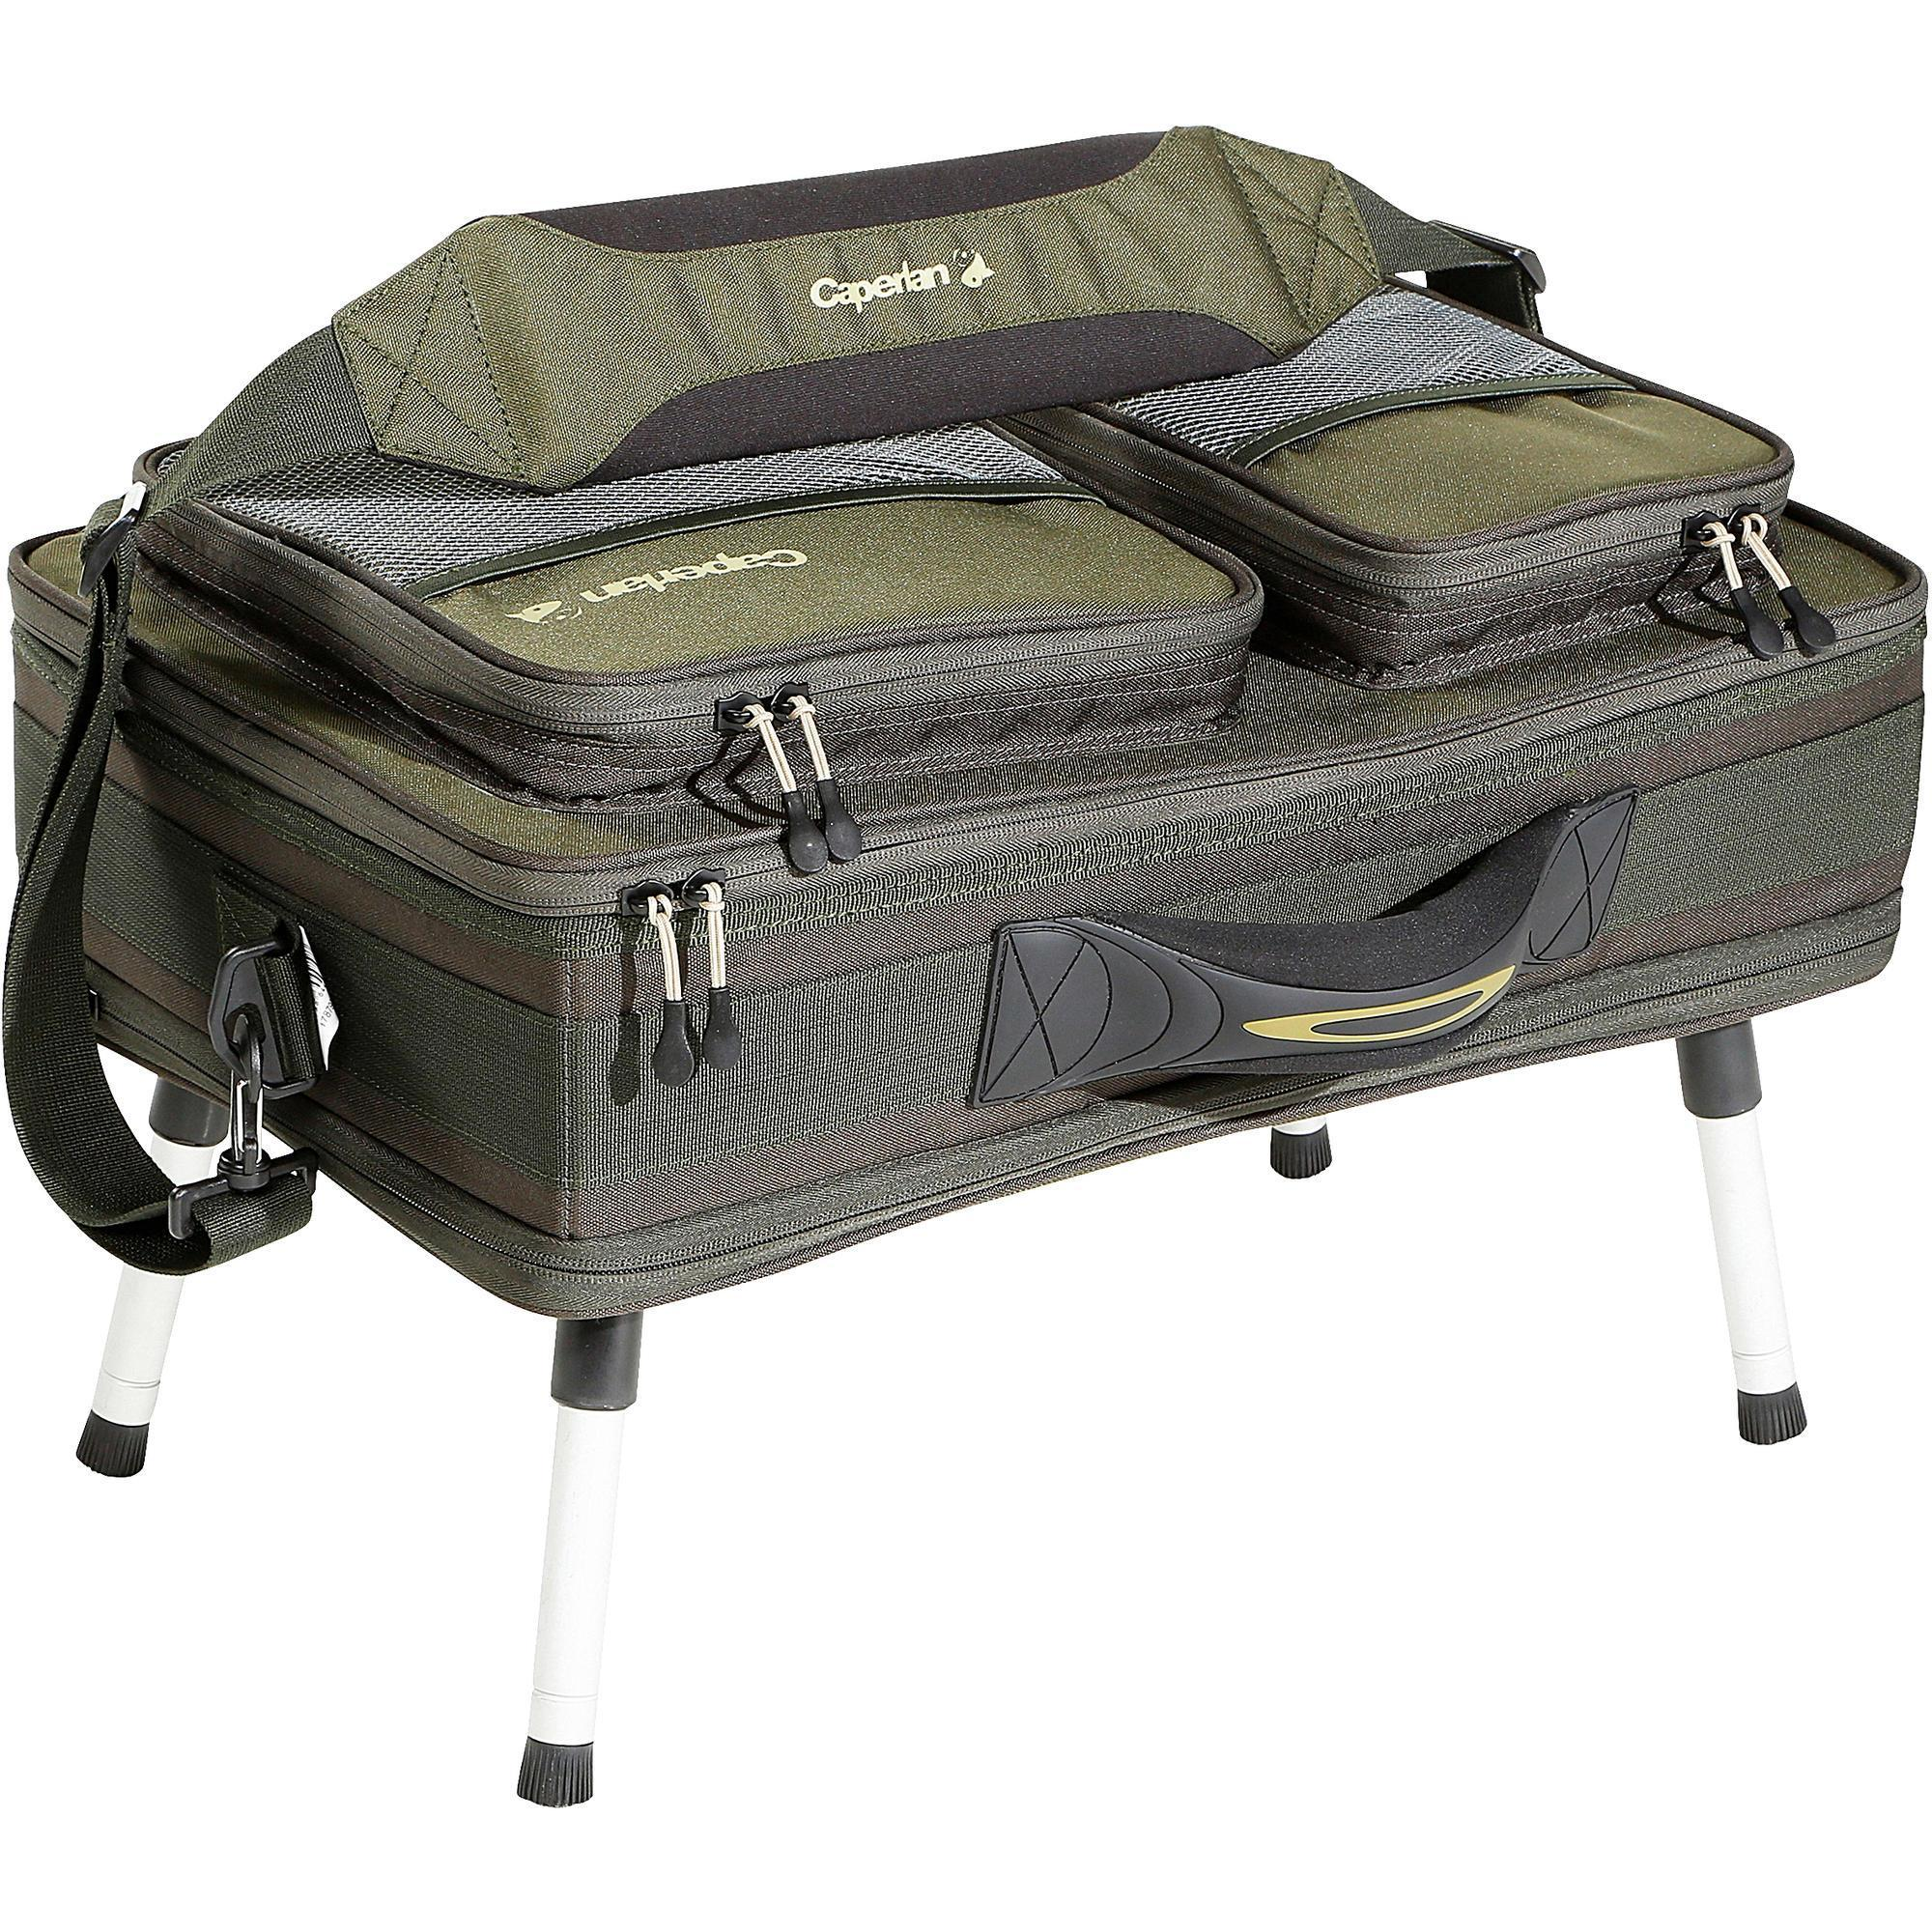 bagagerie p che de la carpe all in one caperlan. Black Bedroom Furniture Sets. Home Design Ideas